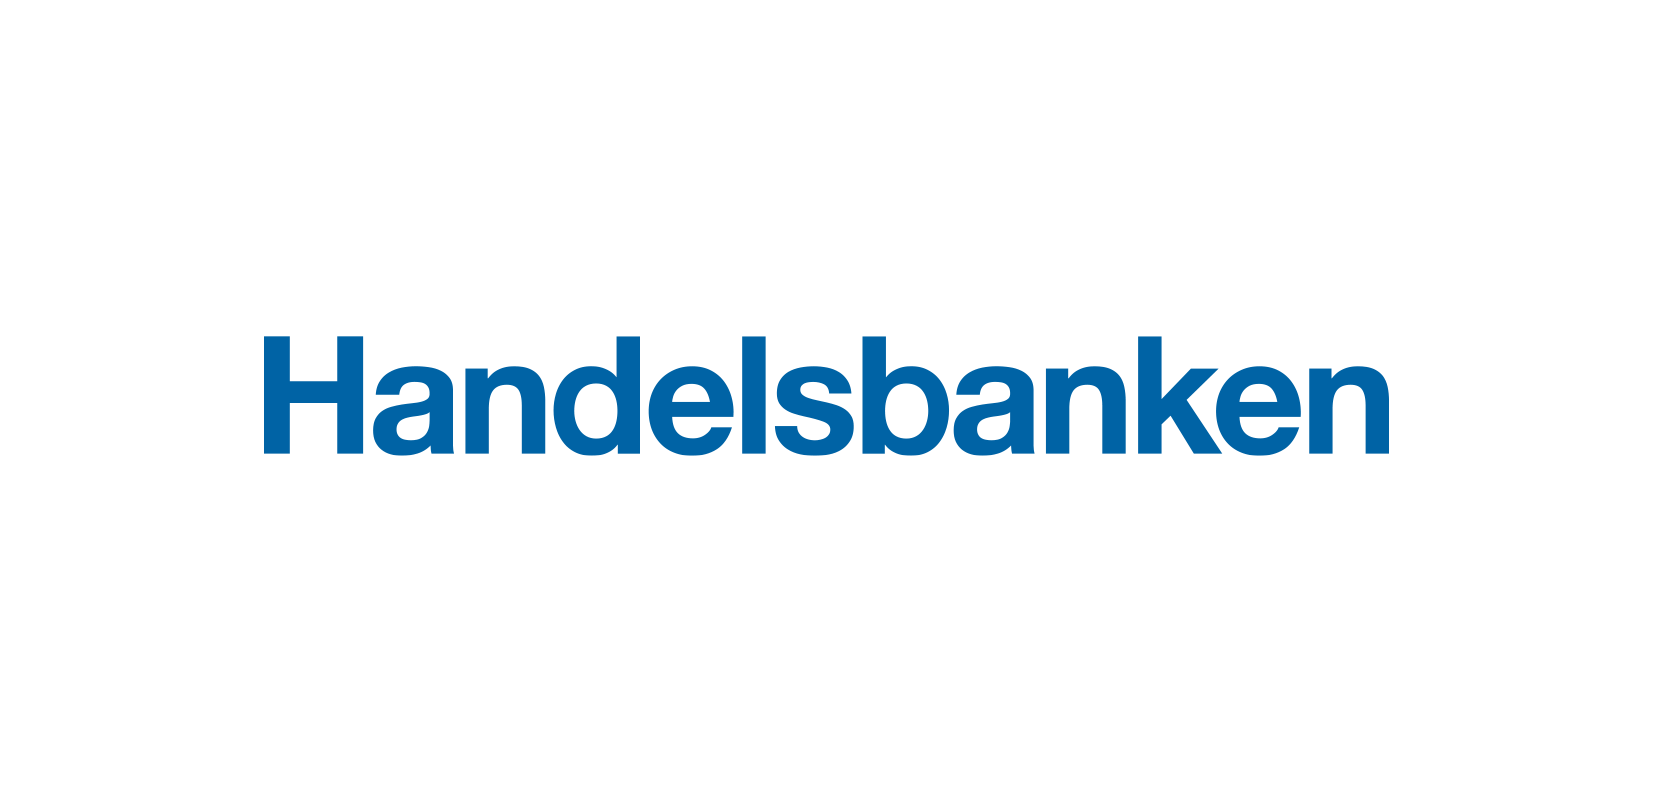 Handelsbanken.png